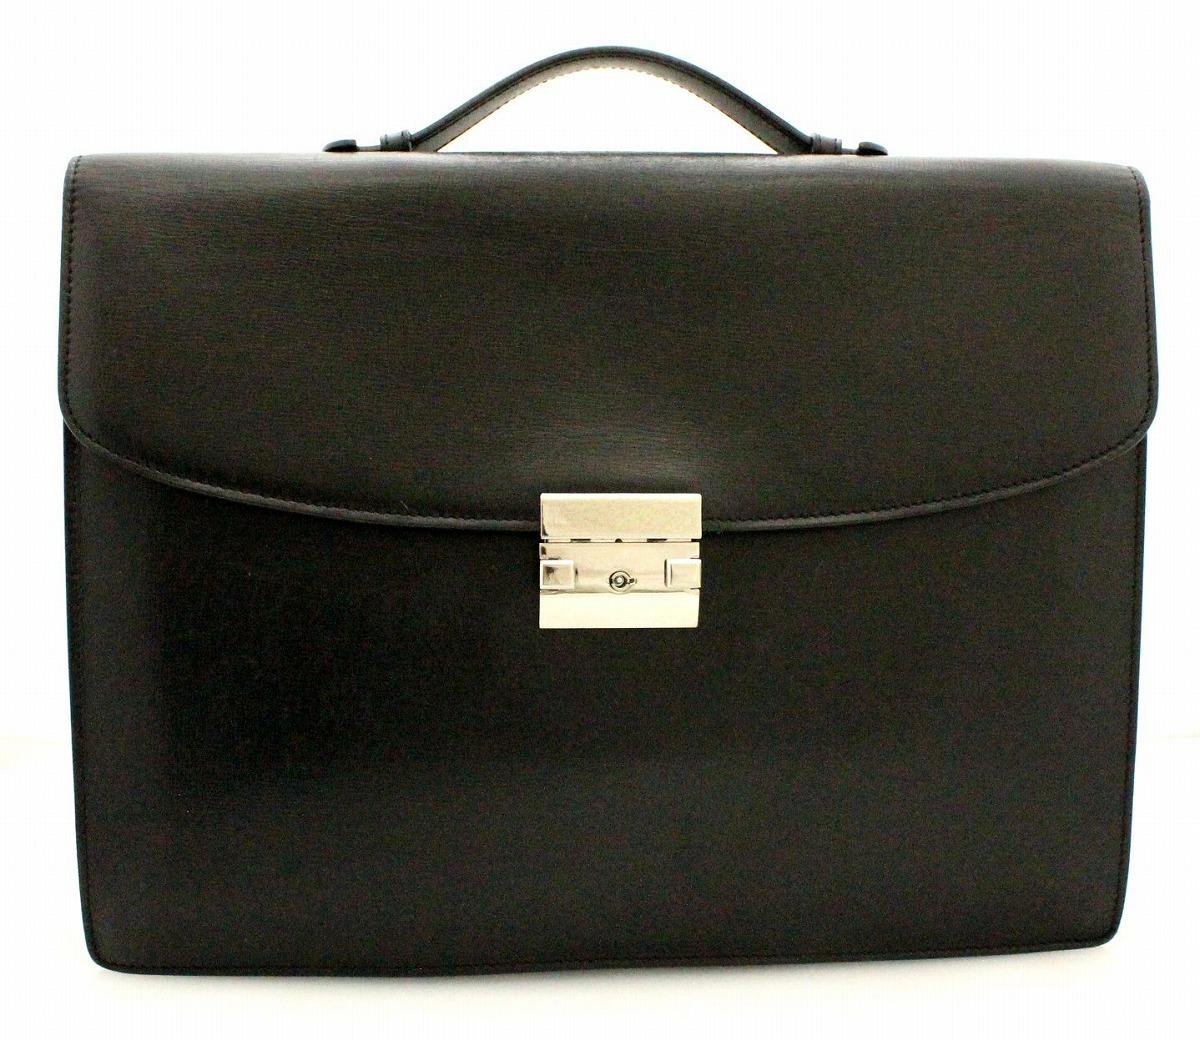 【バッグ】valextra ヴァレクストラ ビジネスバッグ ブリーフケース 書類カバン レザー 黒 ブラック 【中古】【k】【Blumin 市場店】